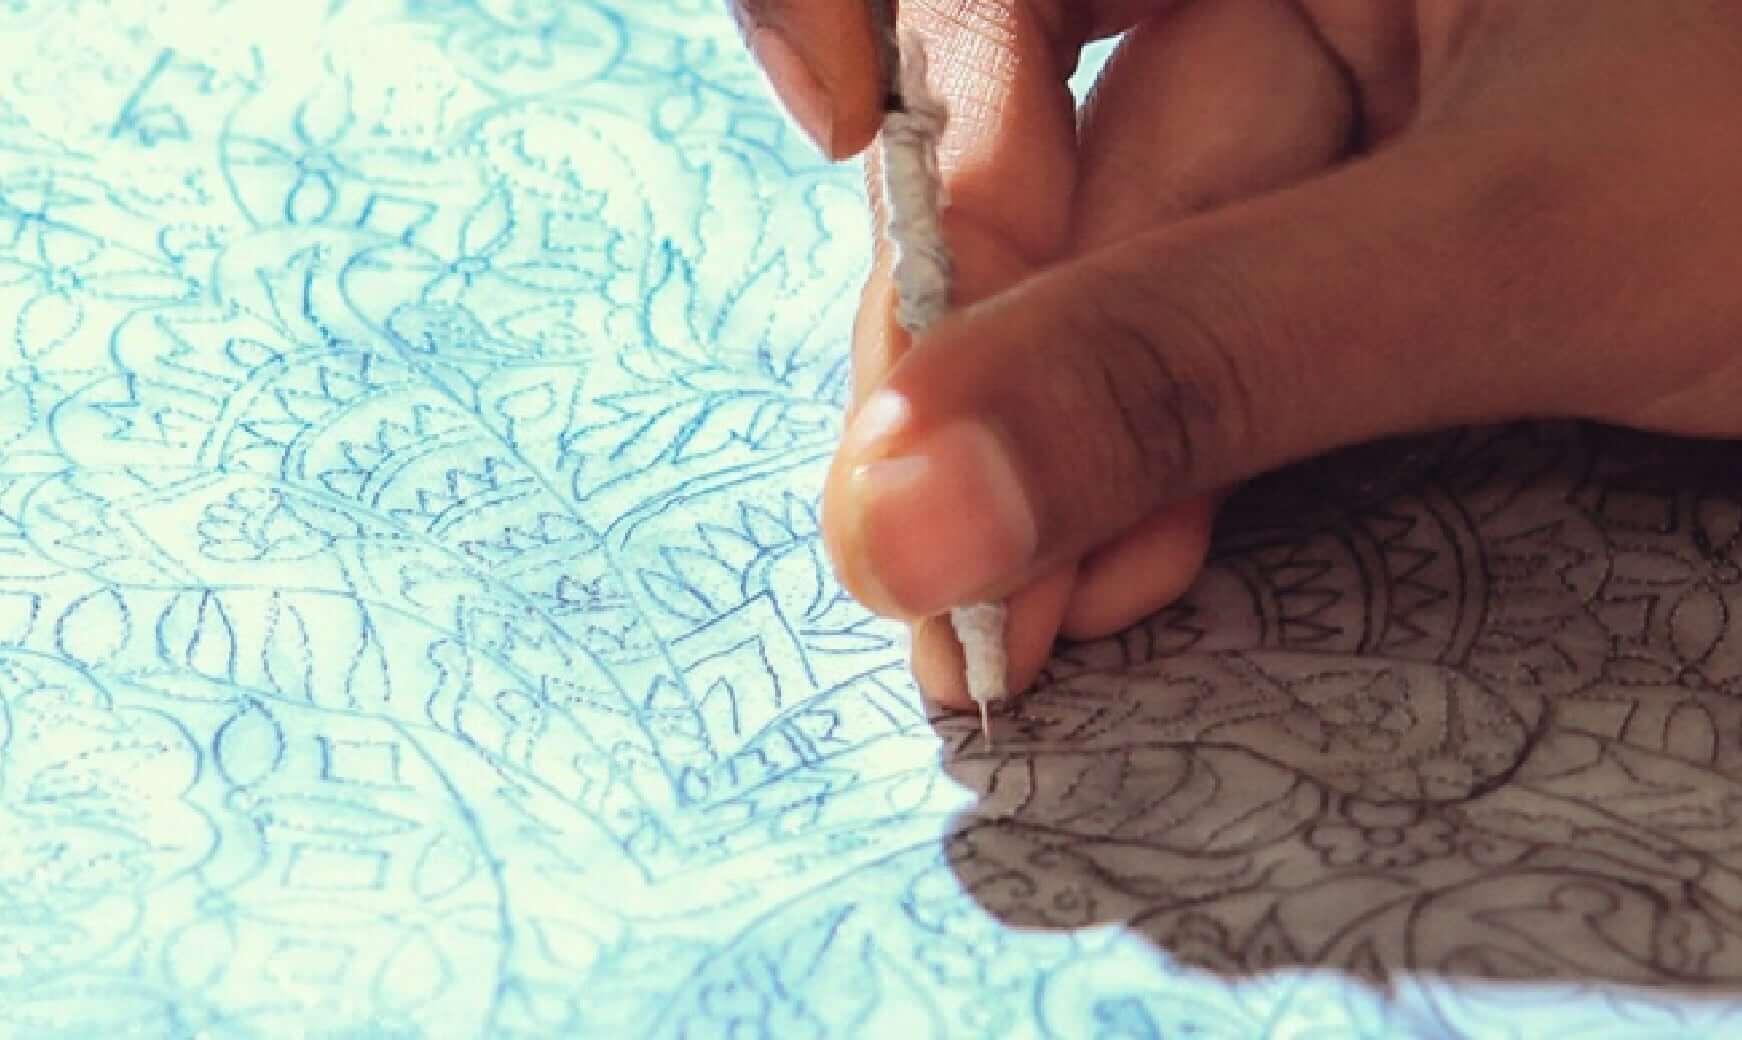 02_Stole_Craftsmanship.jpg